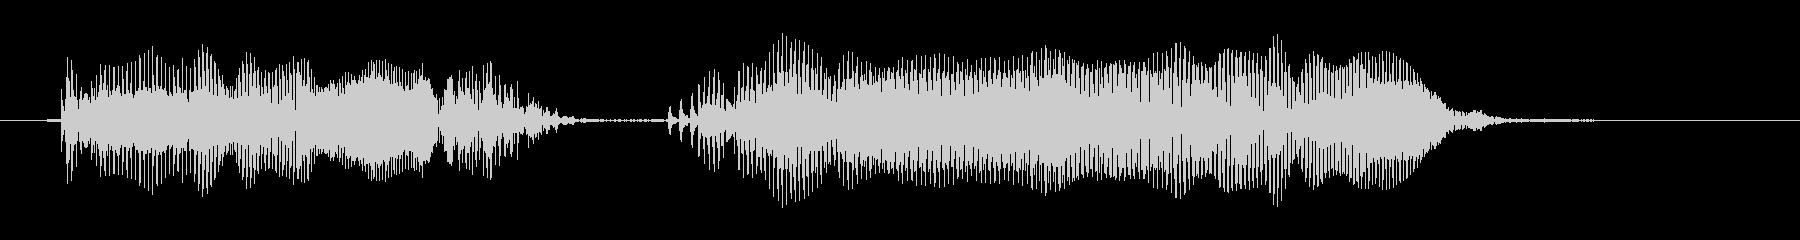 マンチカン、女性の声:わからないの未再生の波形